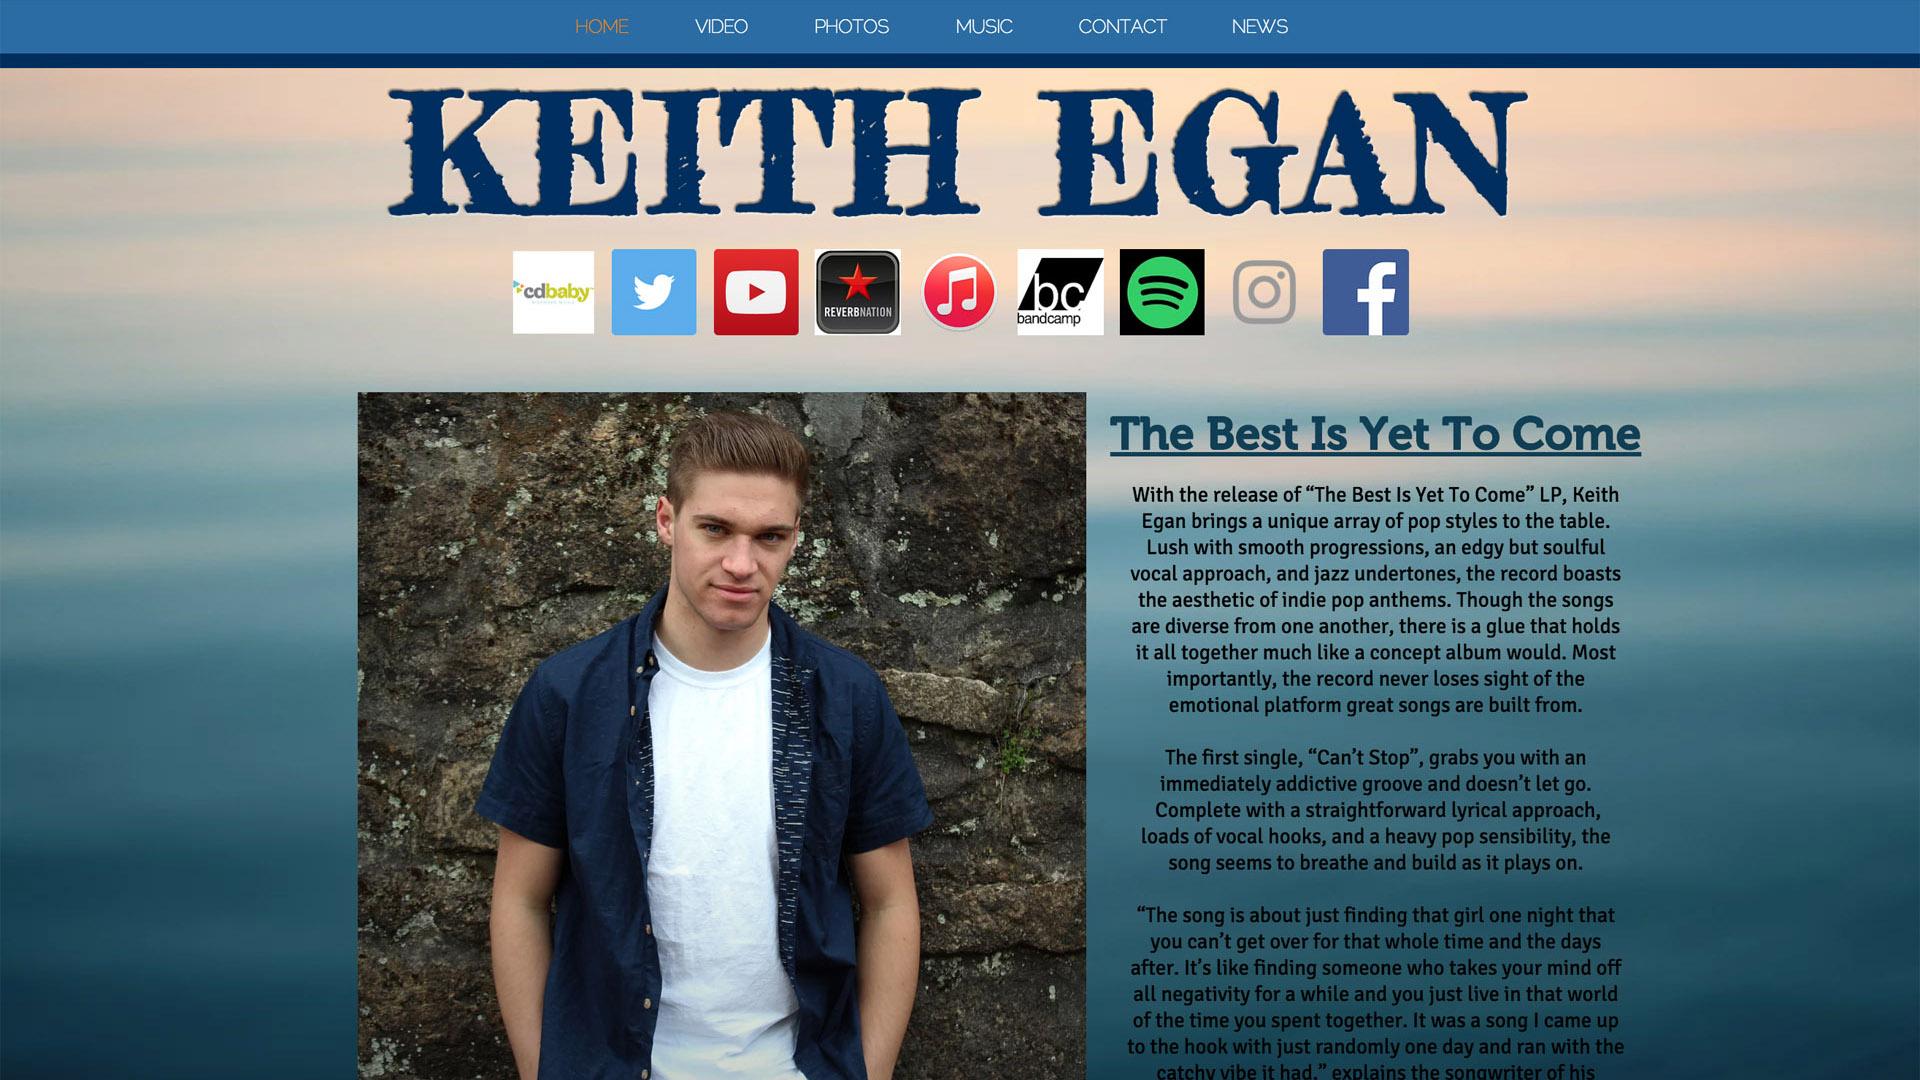 keitheganmusic.com